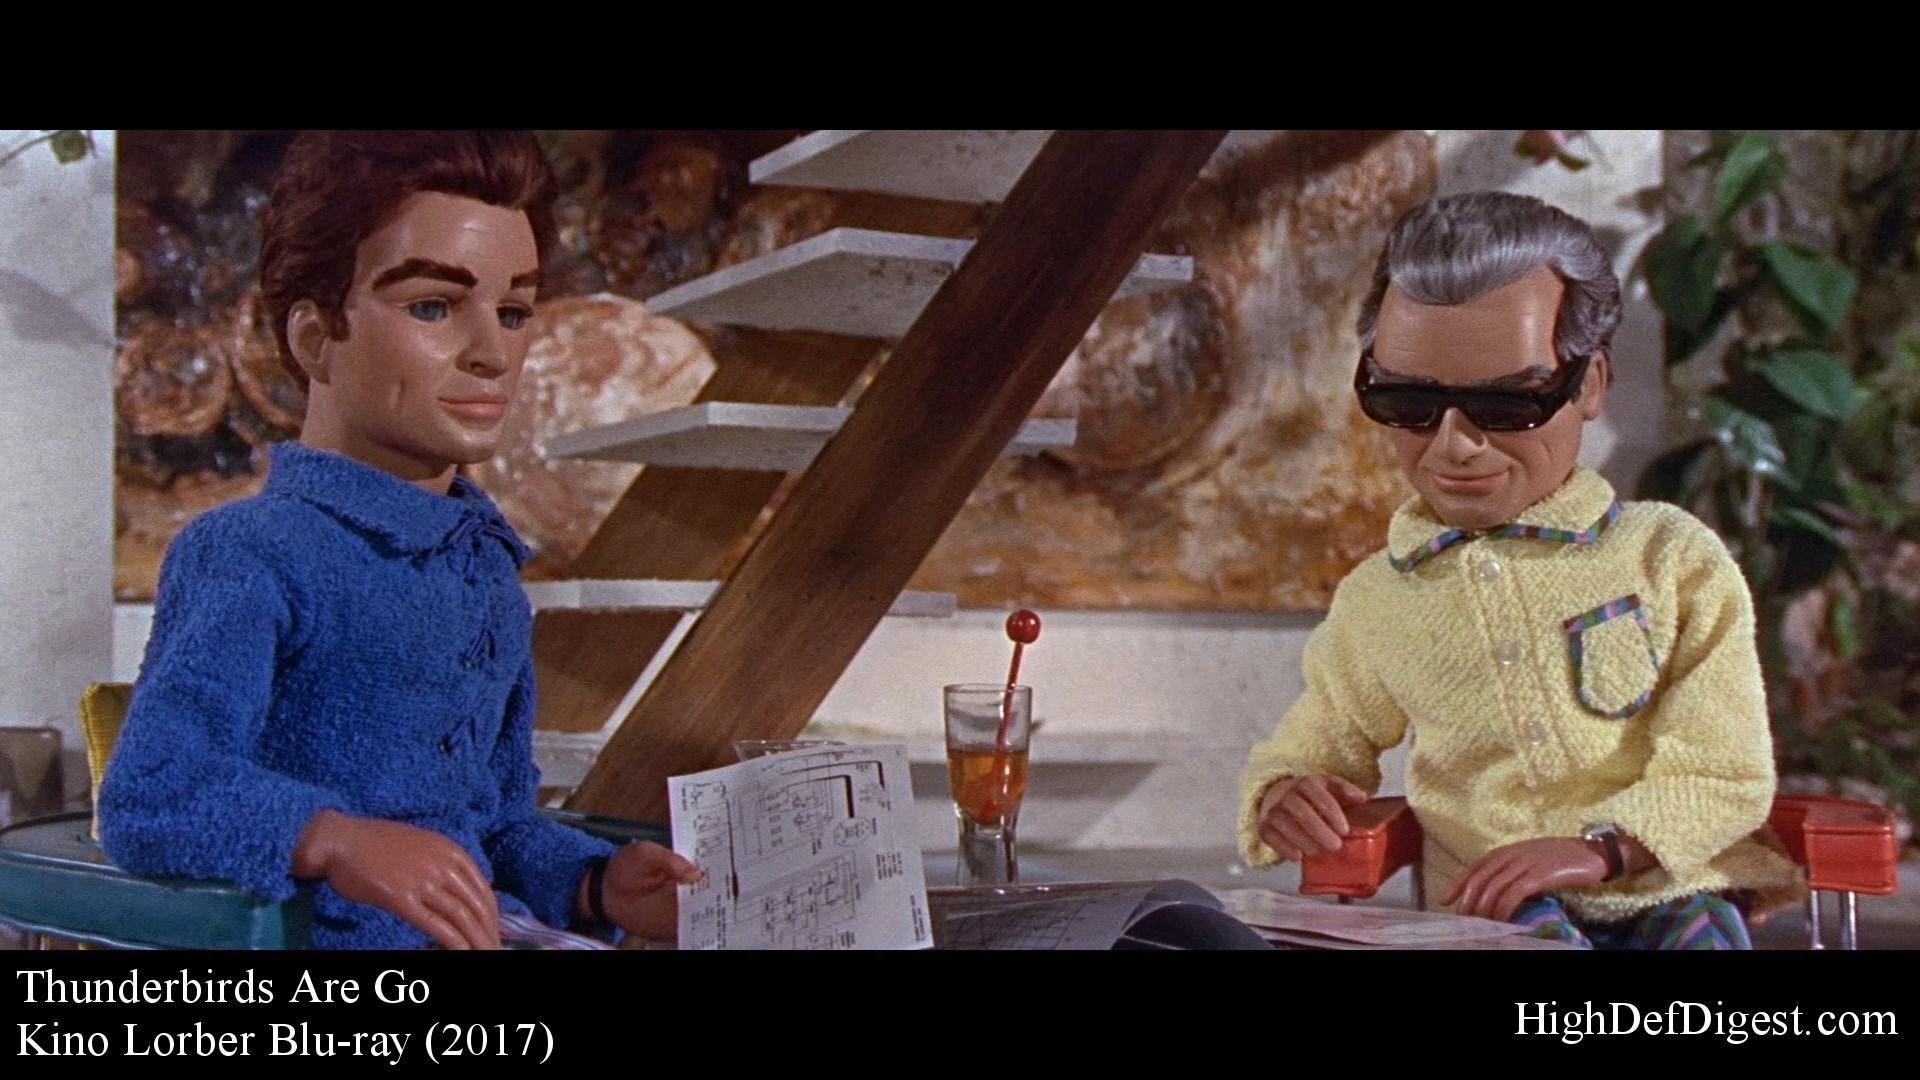 Thunderbirds Are Go – Scott & Jeff Tracy (Kino)